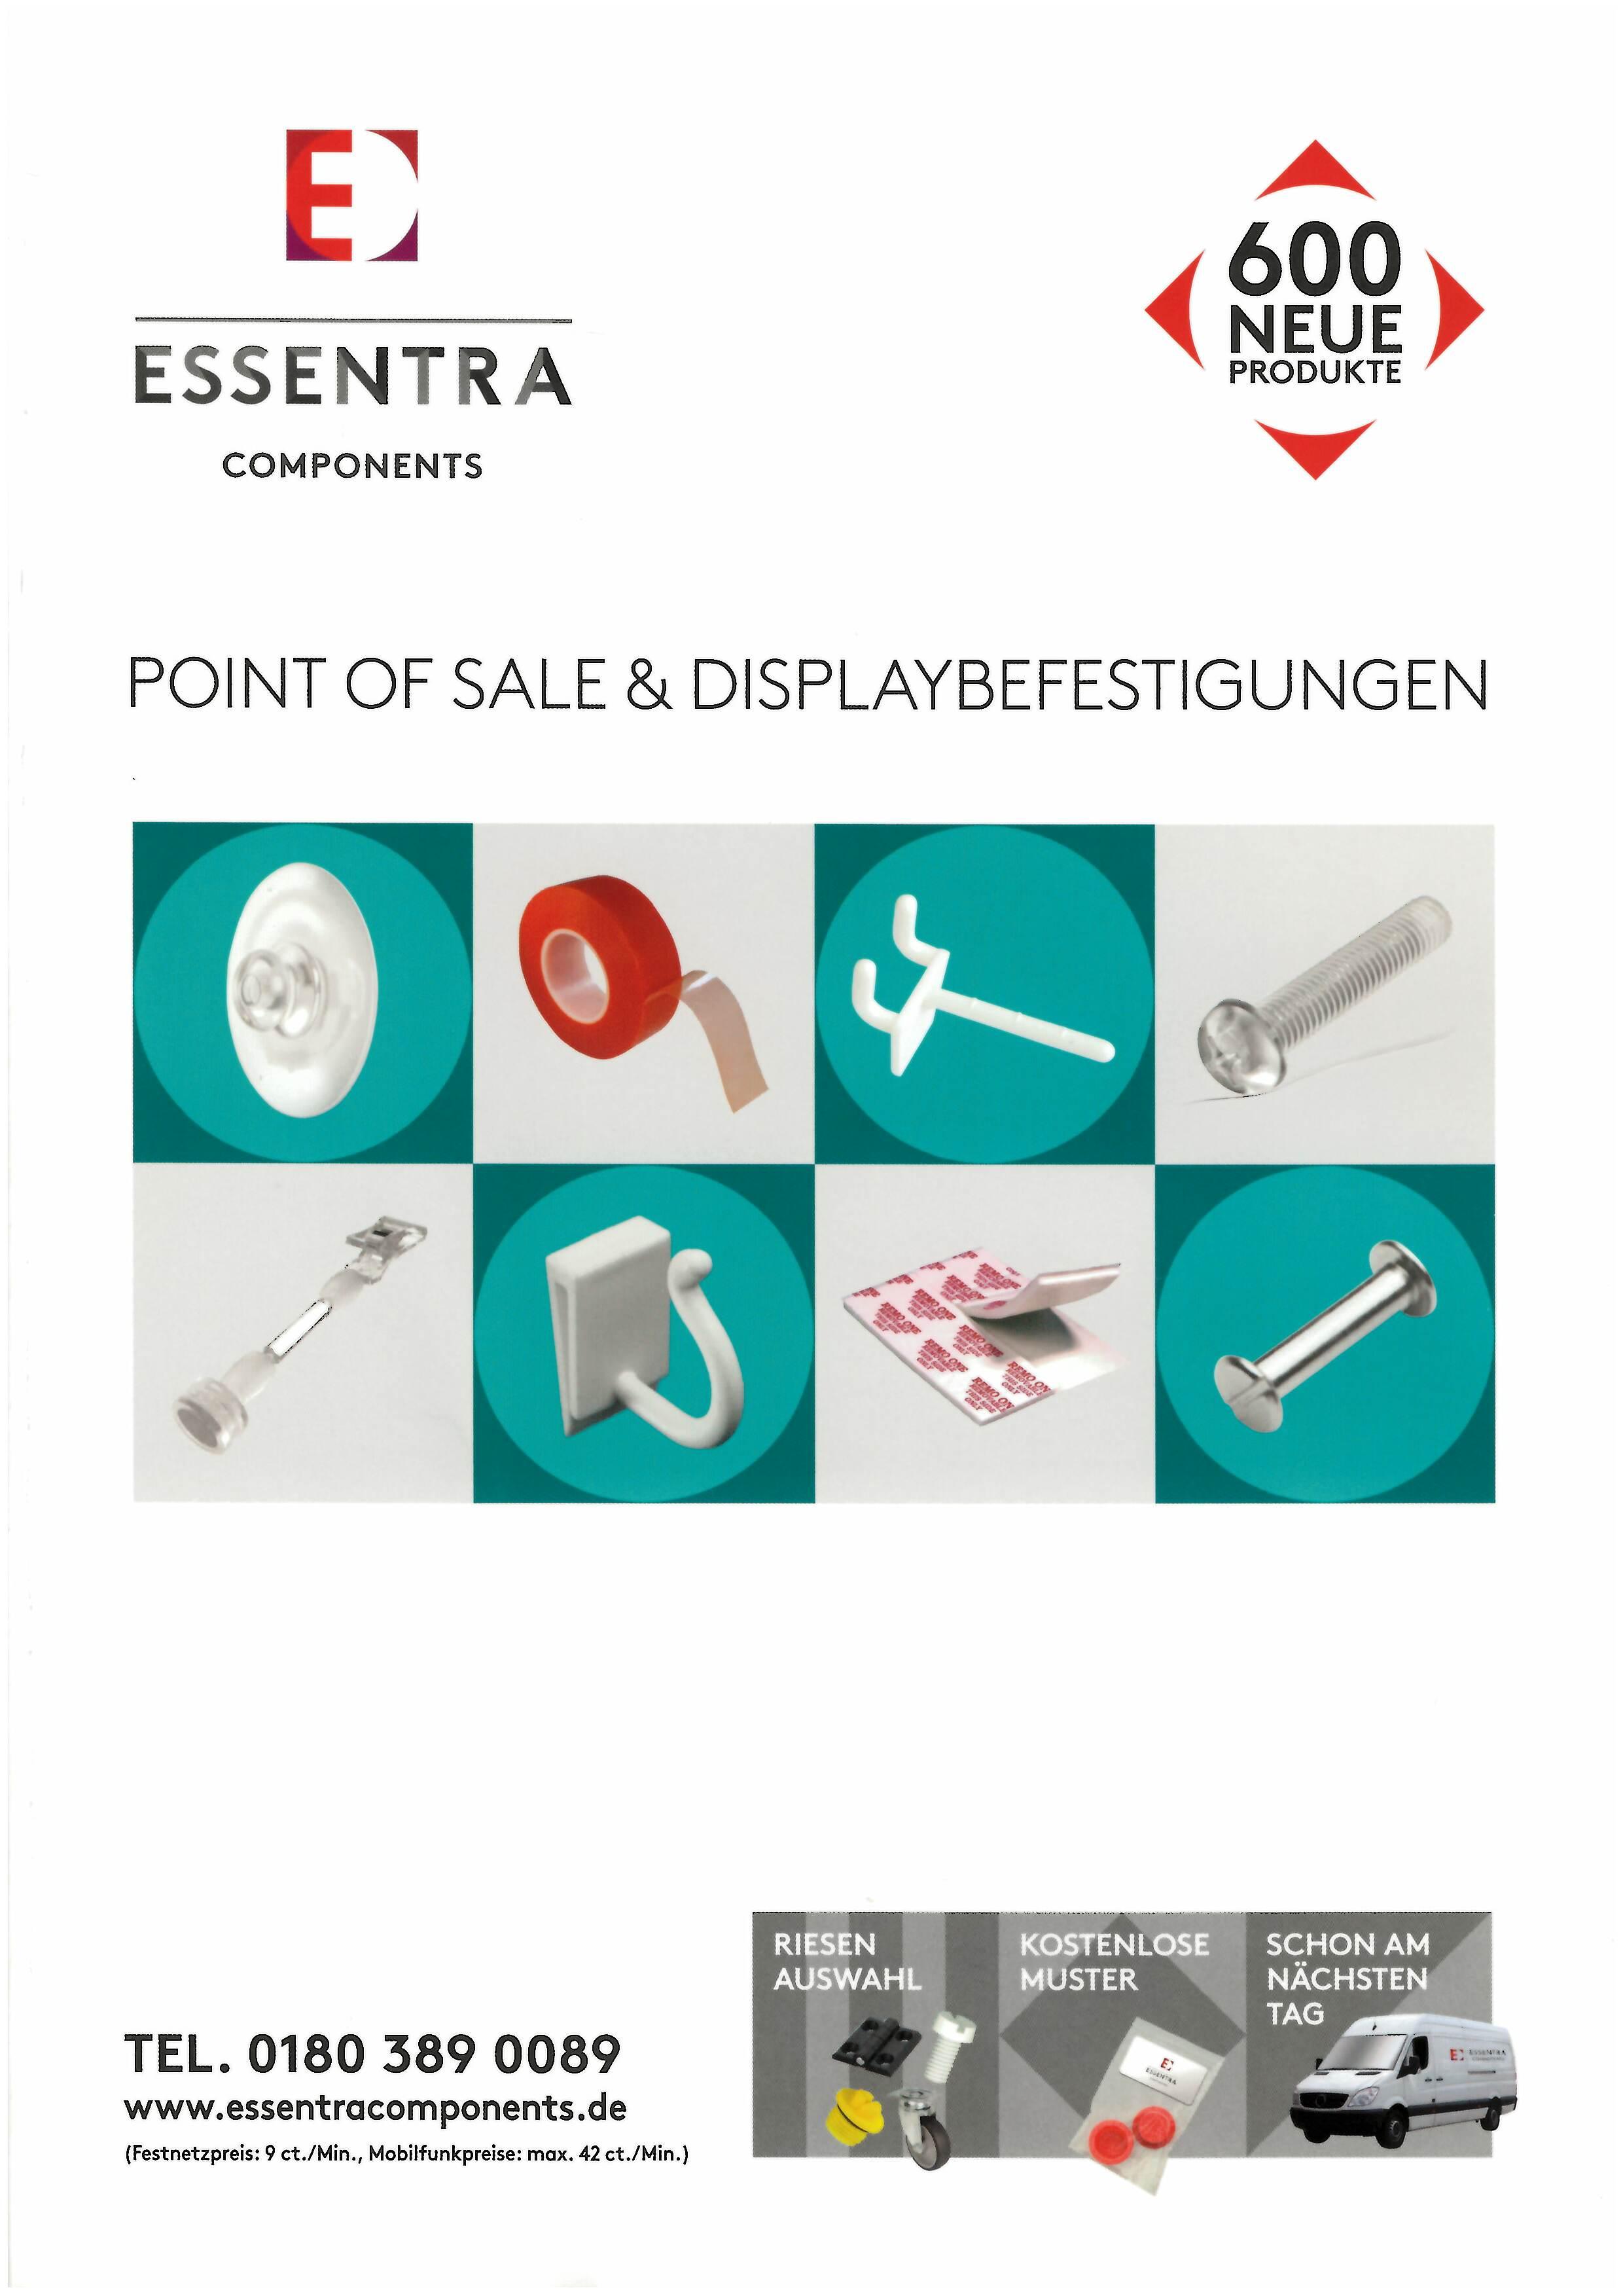 Entdecken Sie unser Point of Sale-Sortiment mit 600 neuen Möglichkeiten, für Ihr Produkt zu werben! Von Schilder- und Di